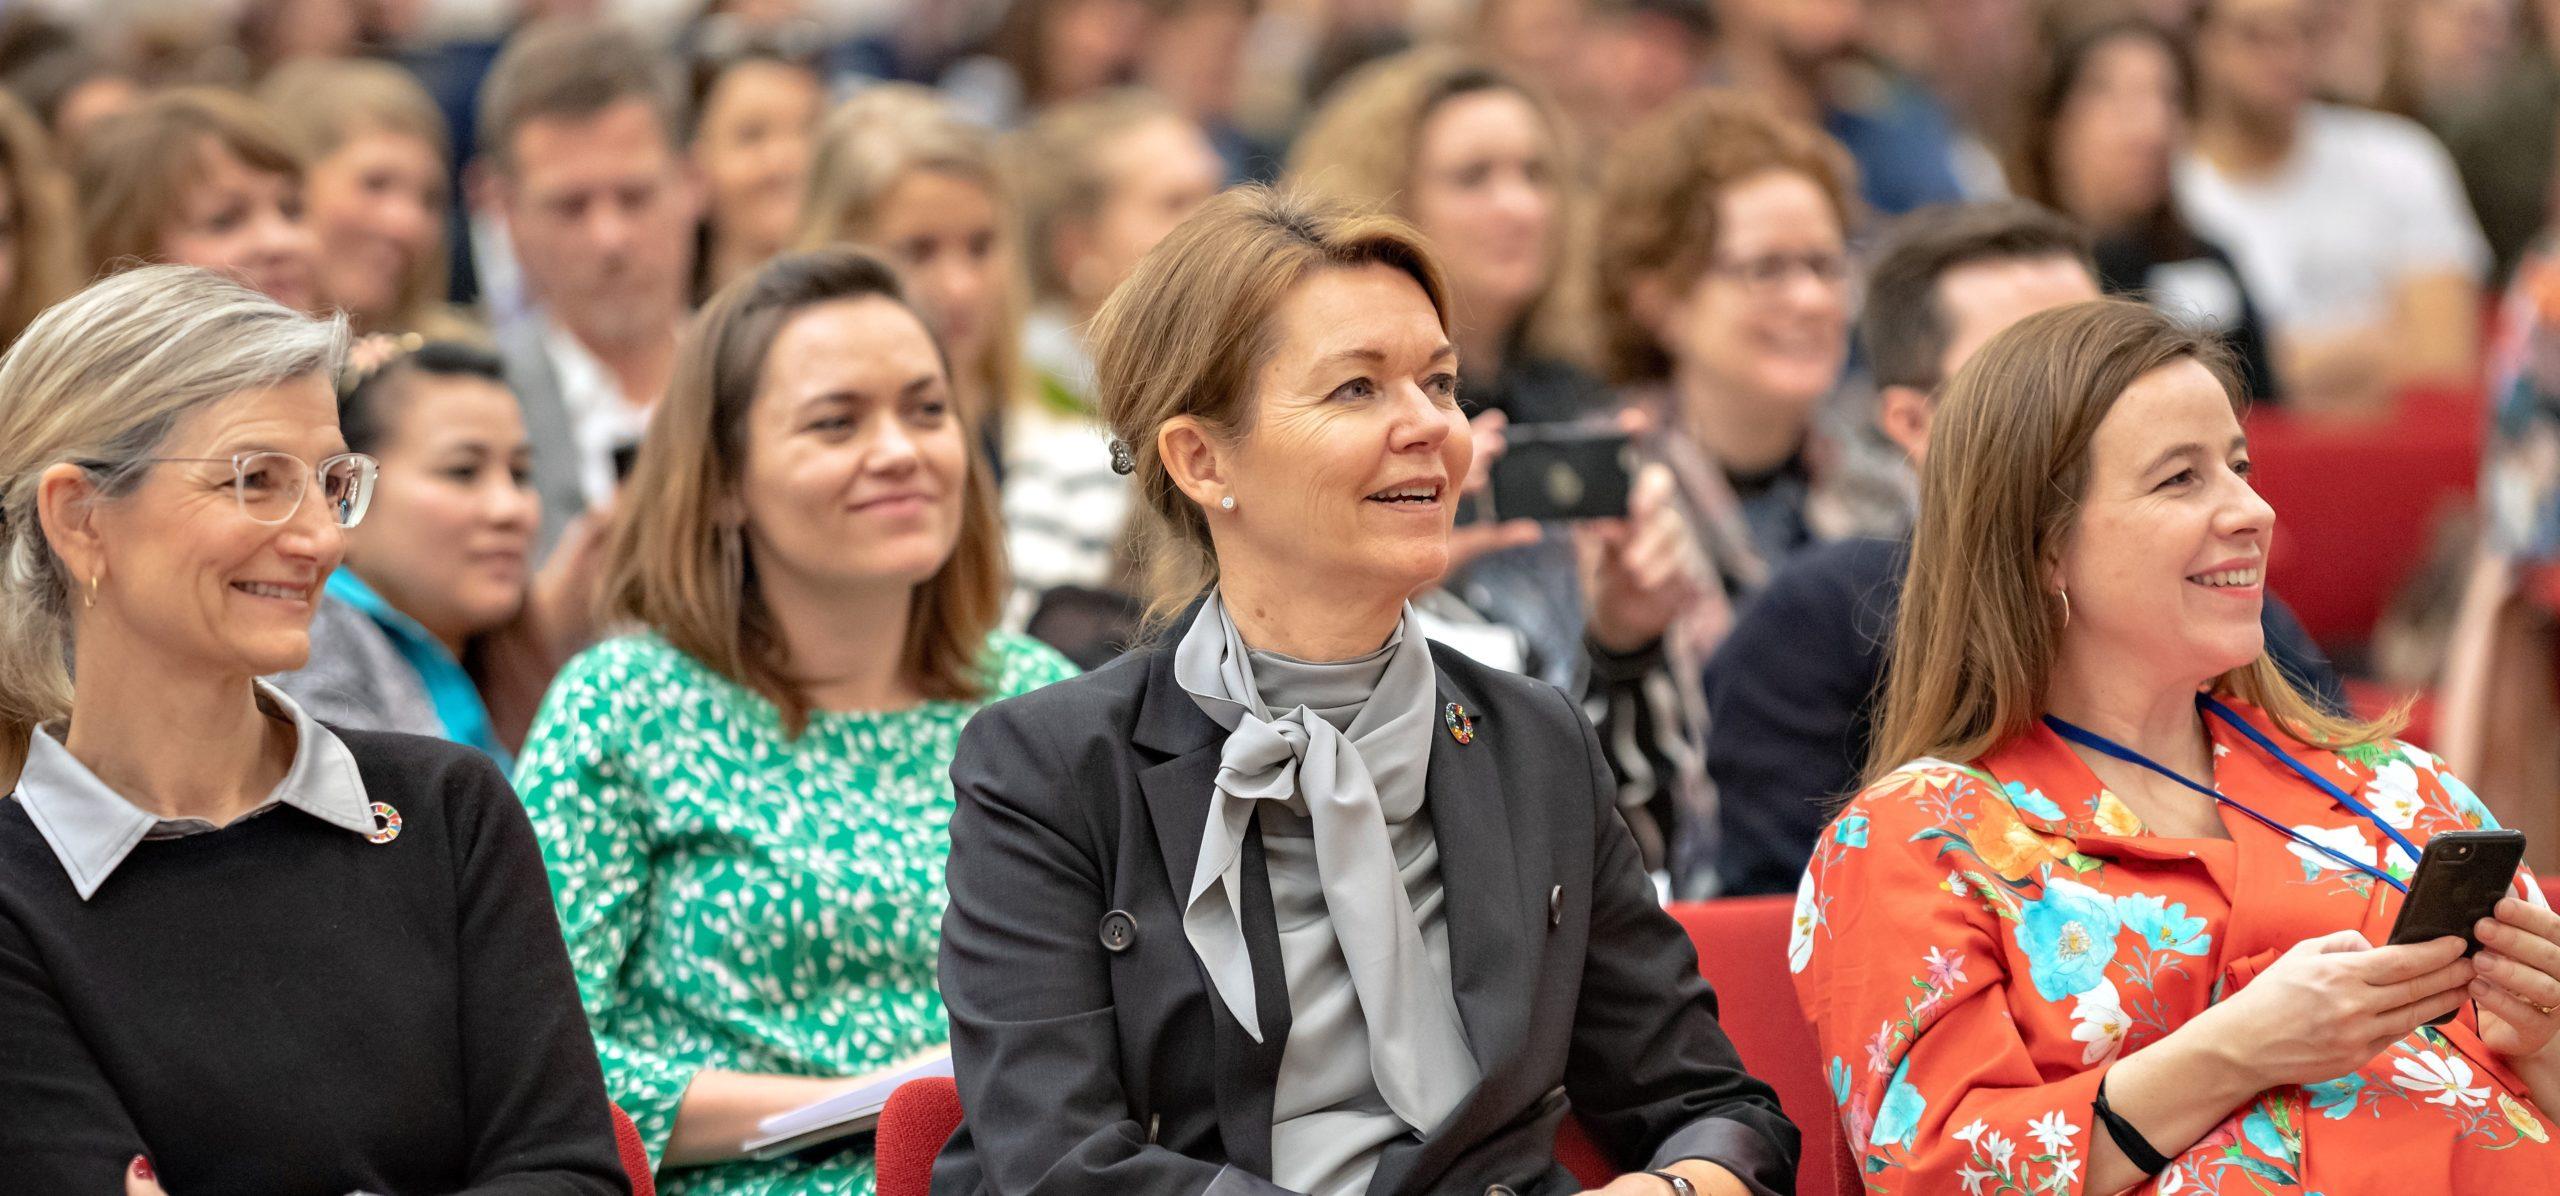 En hyldest til Lise Kingo: Farvel til en leder i særklasse